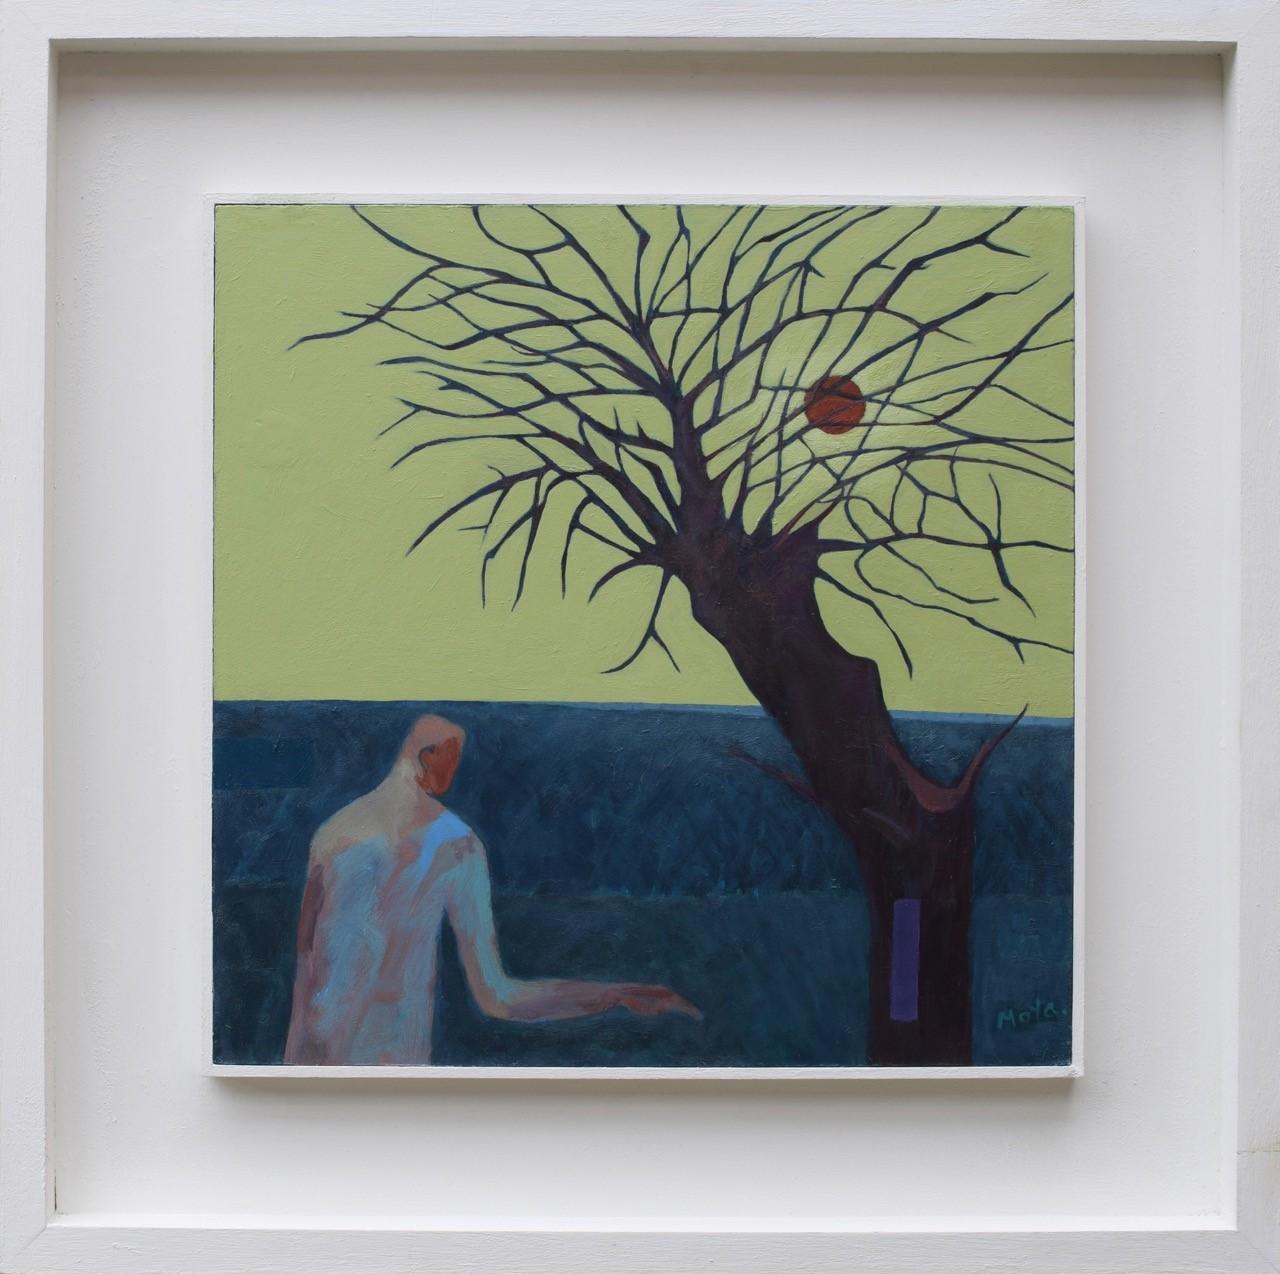 Twilight  acrylic on board  34 x 34 cm framed  £550